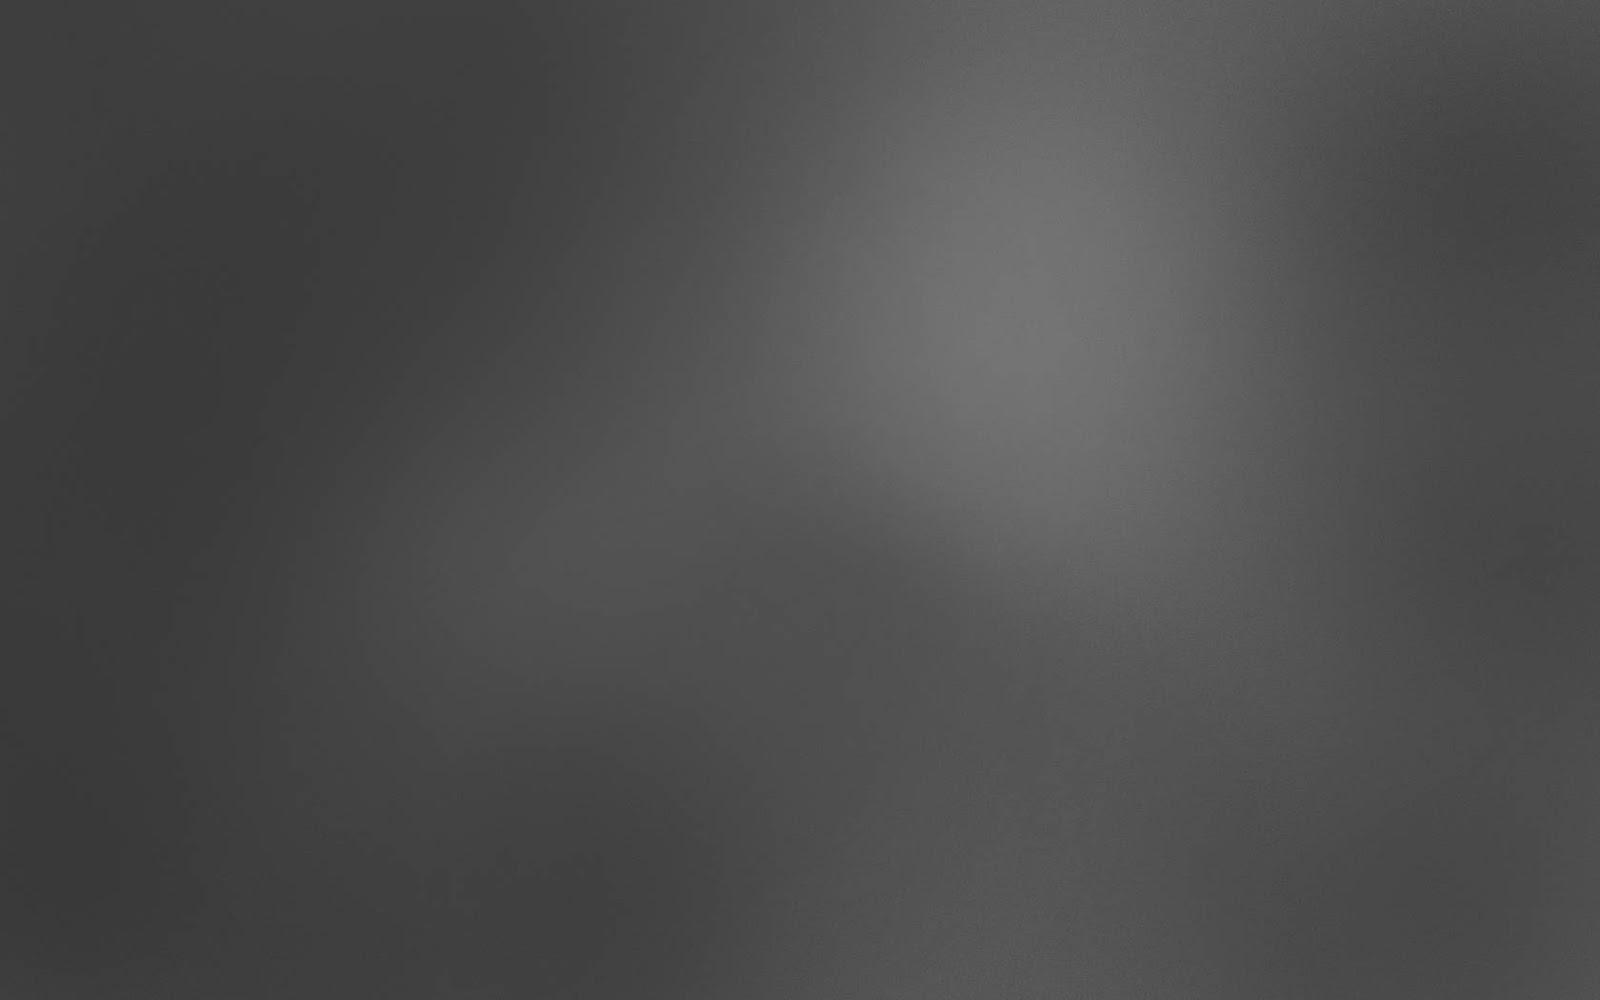 Imagenes hilandy fondo de pantalla abstracto textura gris for Fondo de pantalla gris